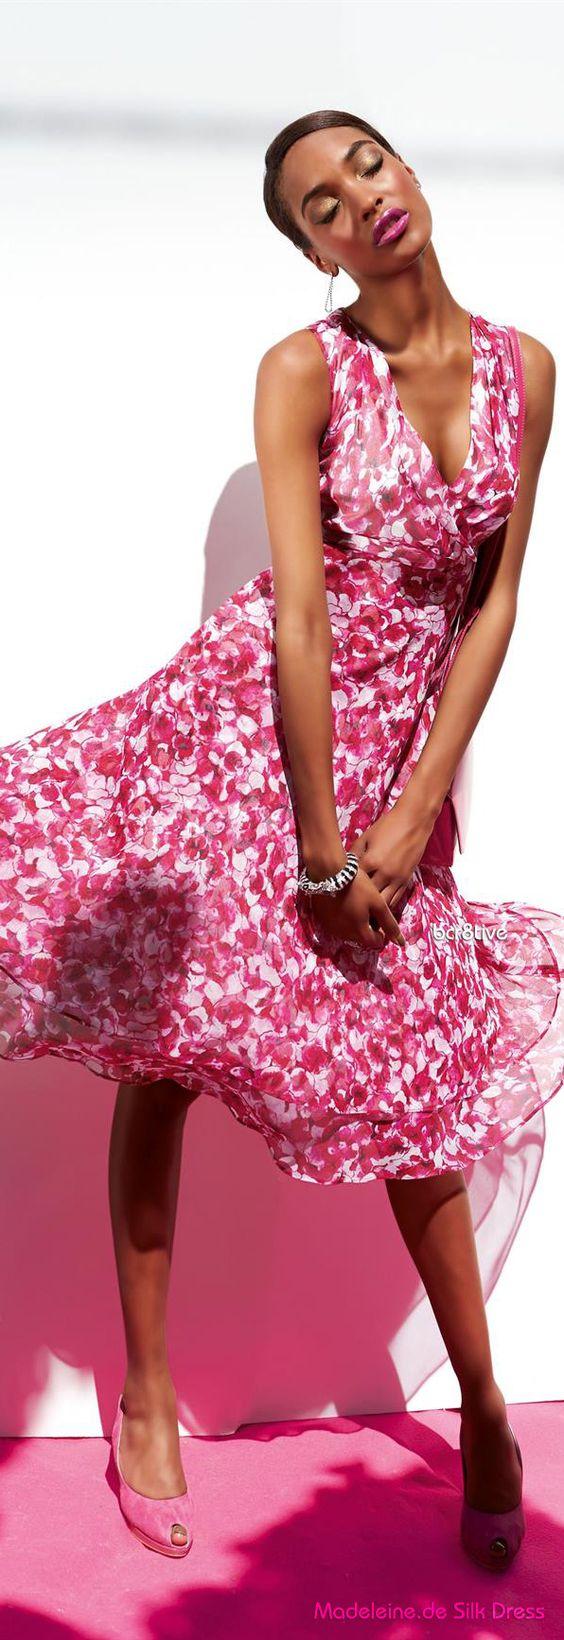 Farb-und Stilberatung mit www.farben-reich.com - Madeleine.de Silk Dress